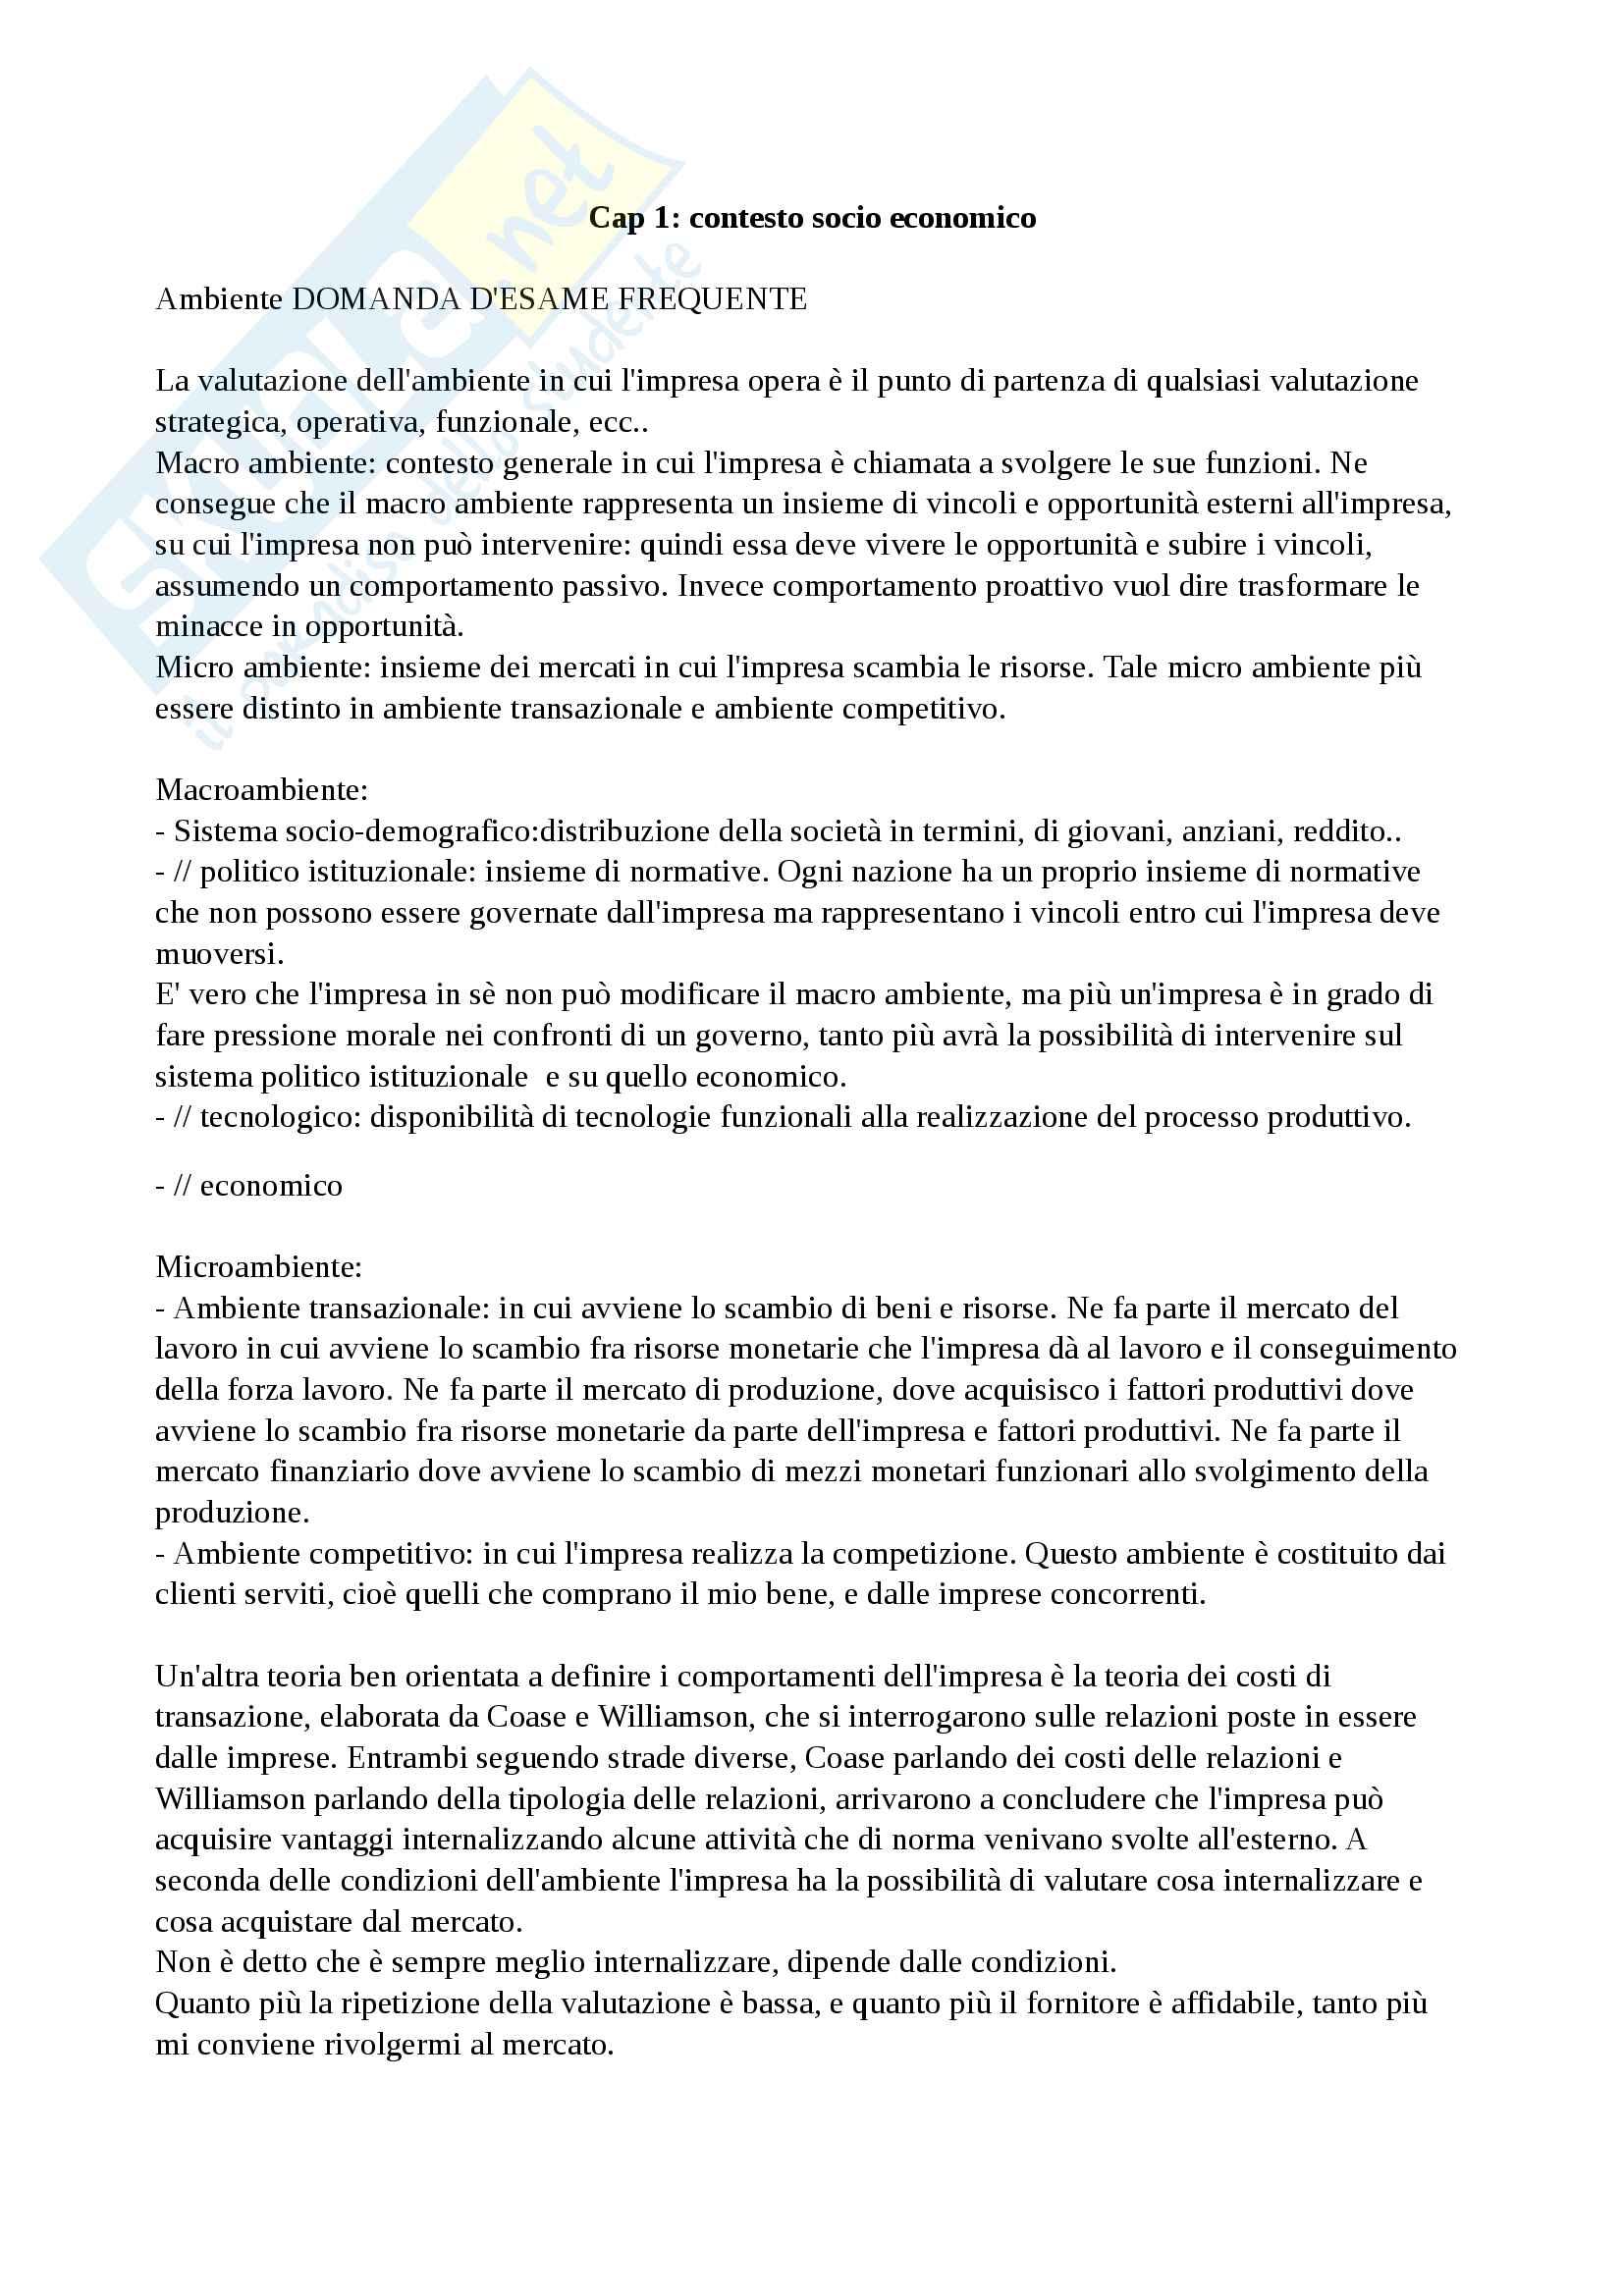 Appunti di economia e gestione delle imprese, economia e gestione delle imprese